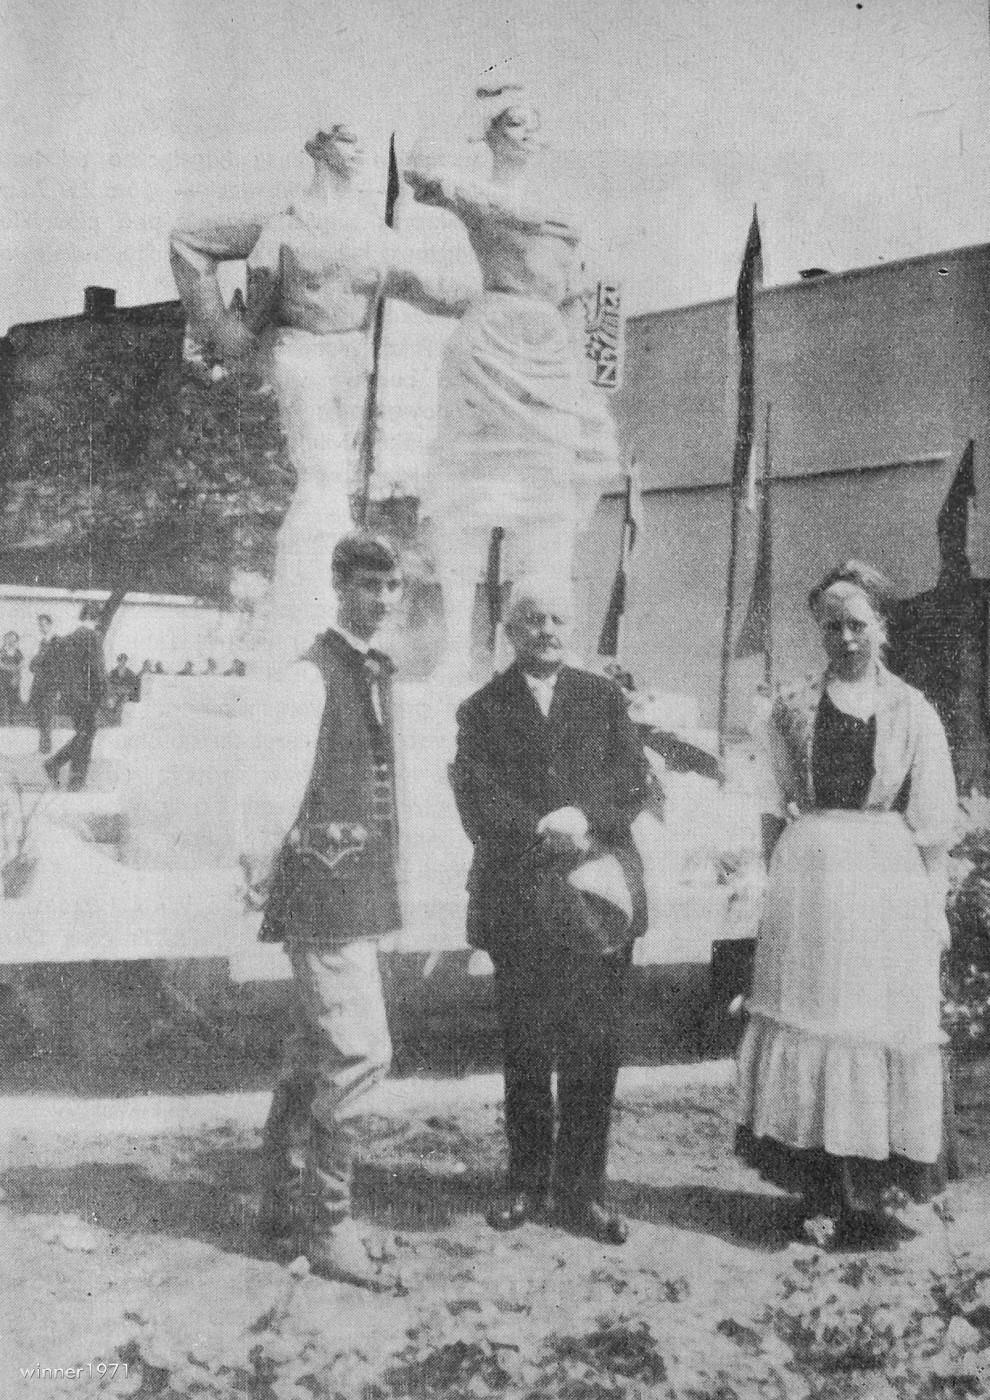 Odsłonięcie pomnika Karolinki i Karlika 28.05.1967 Szymon Koszyk inicjator budowy pomnika